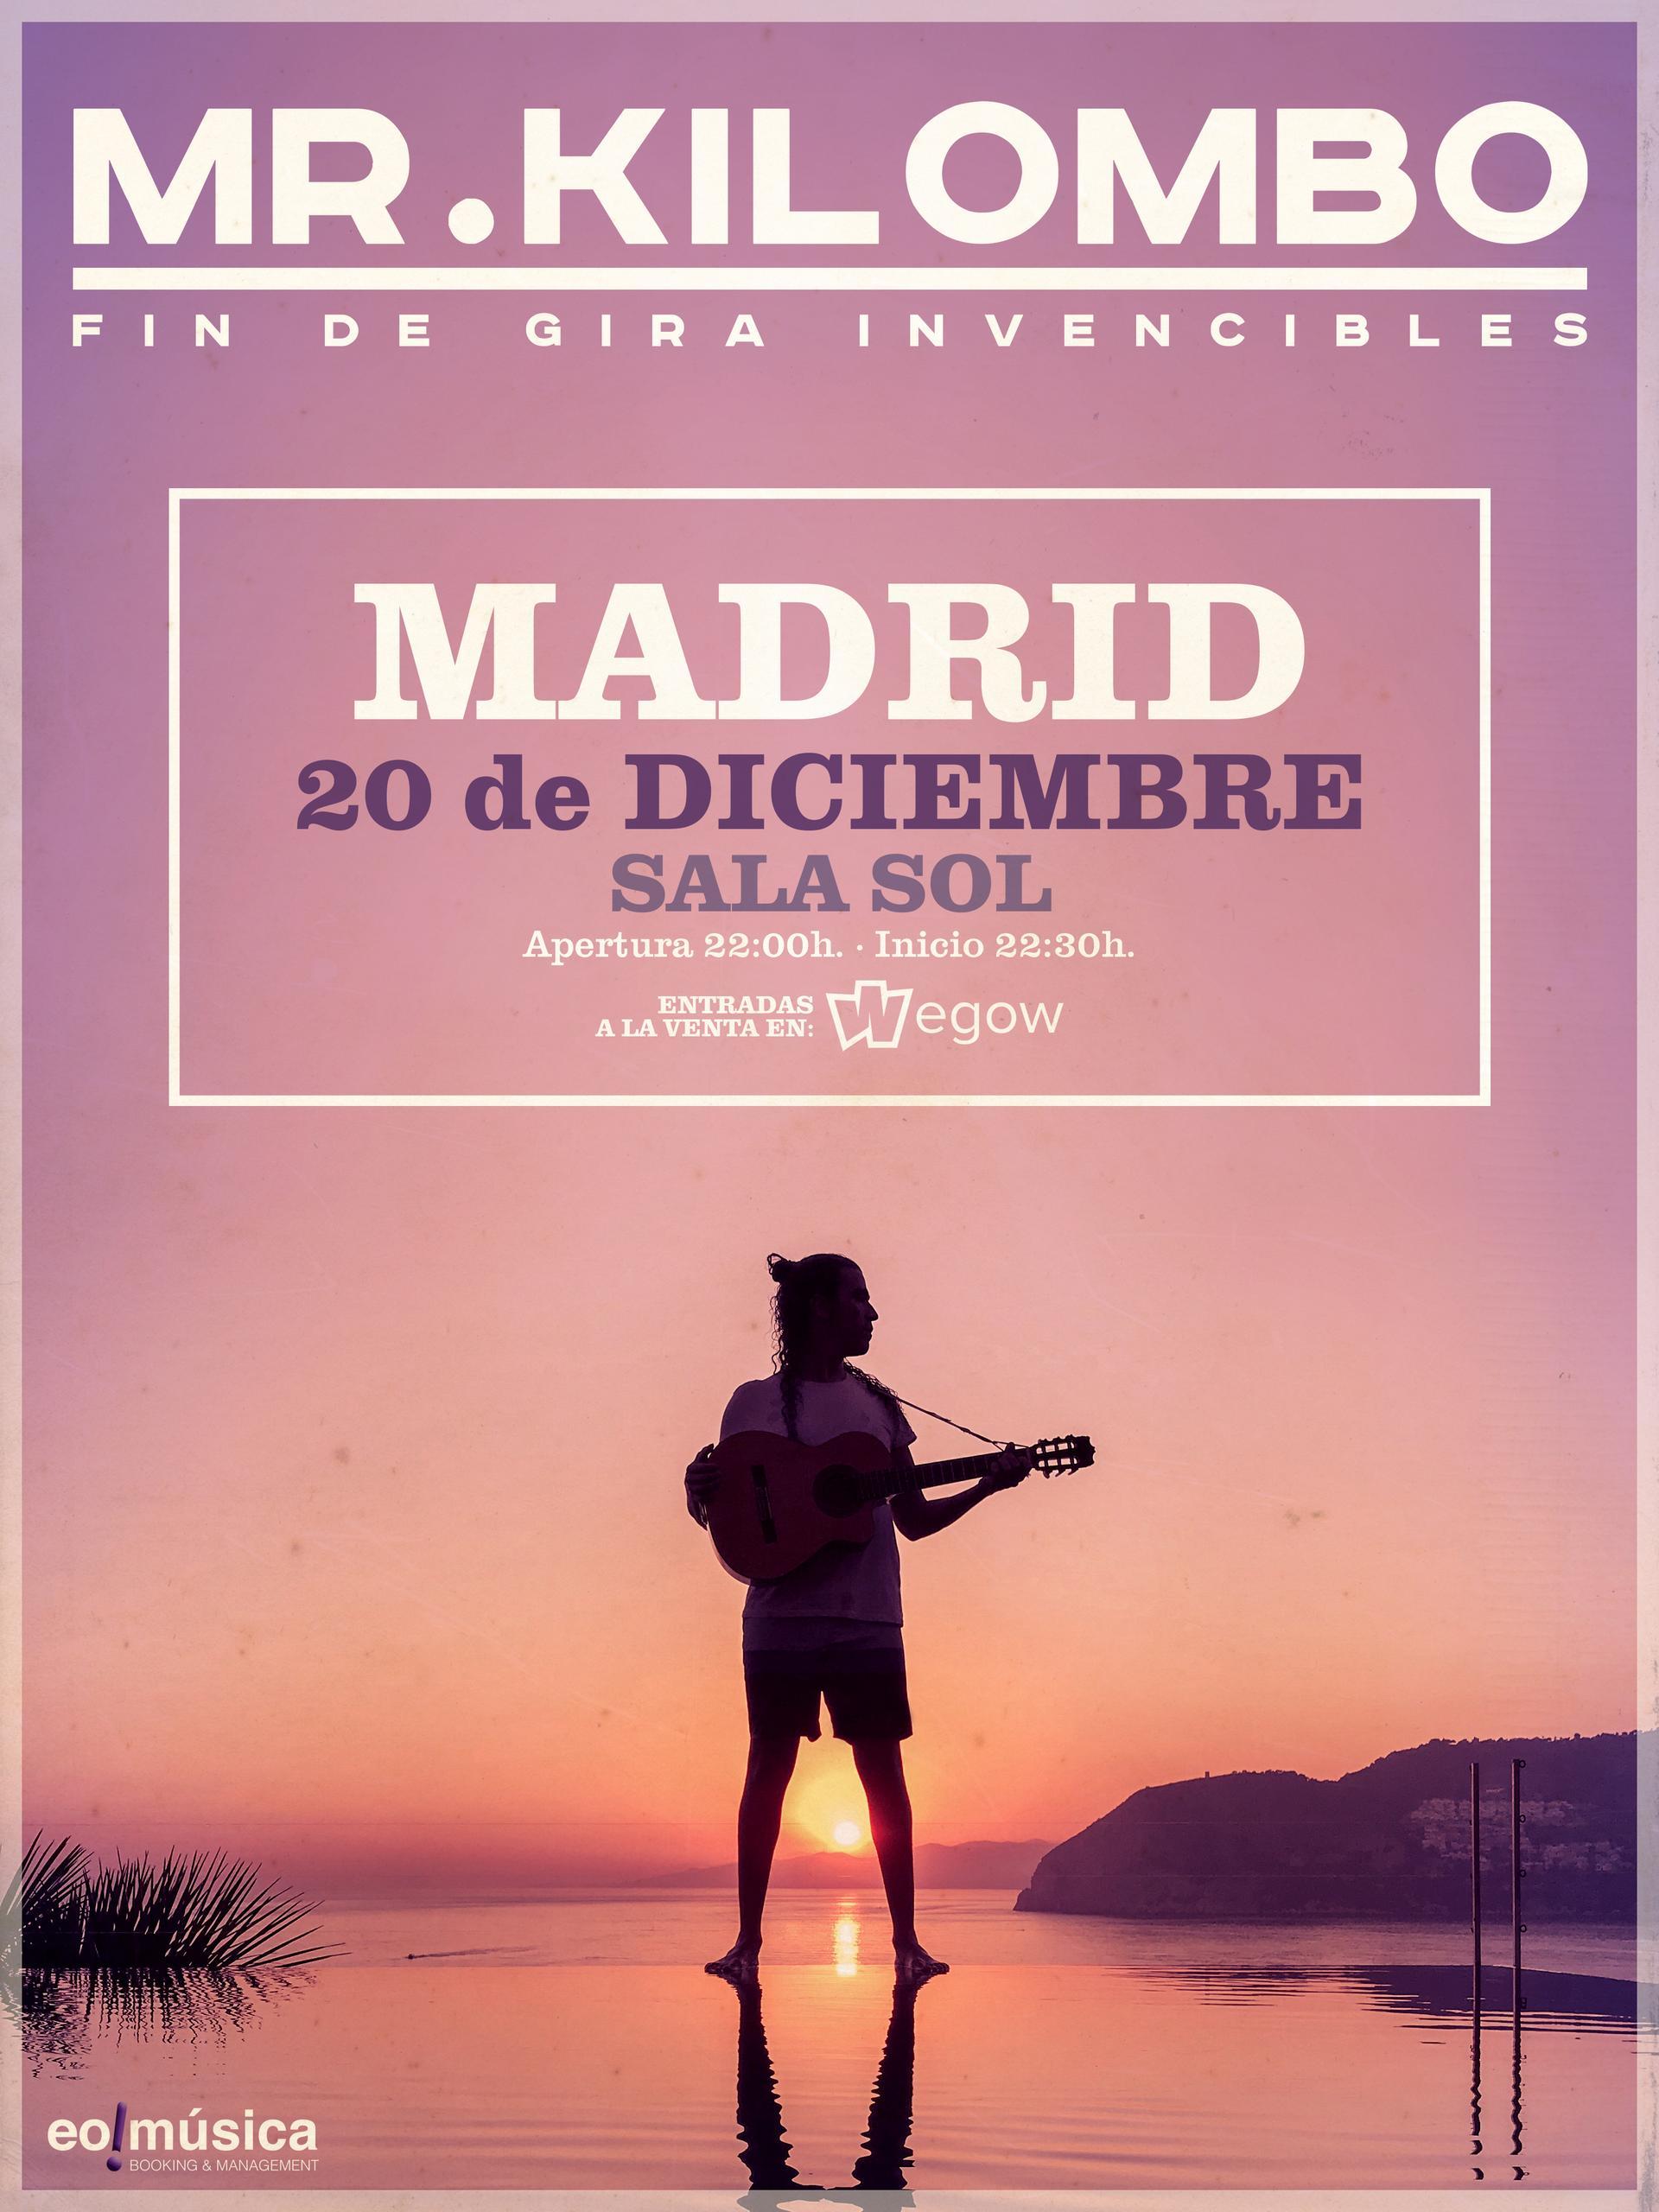 Concierto de Mr. Kilombo en Madrid